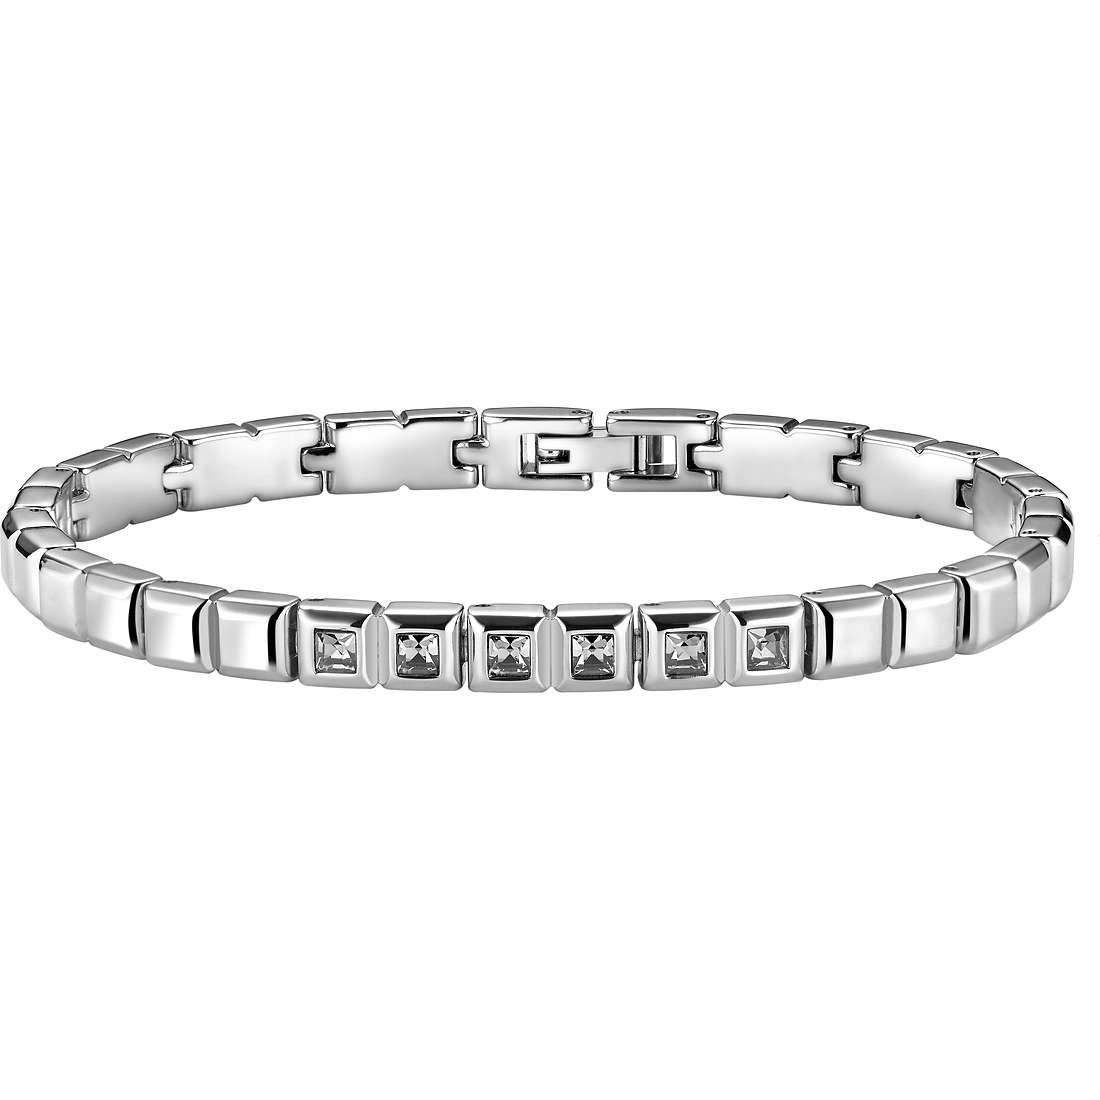 bracelet woman jewellery Breil Step Stone TJ1585